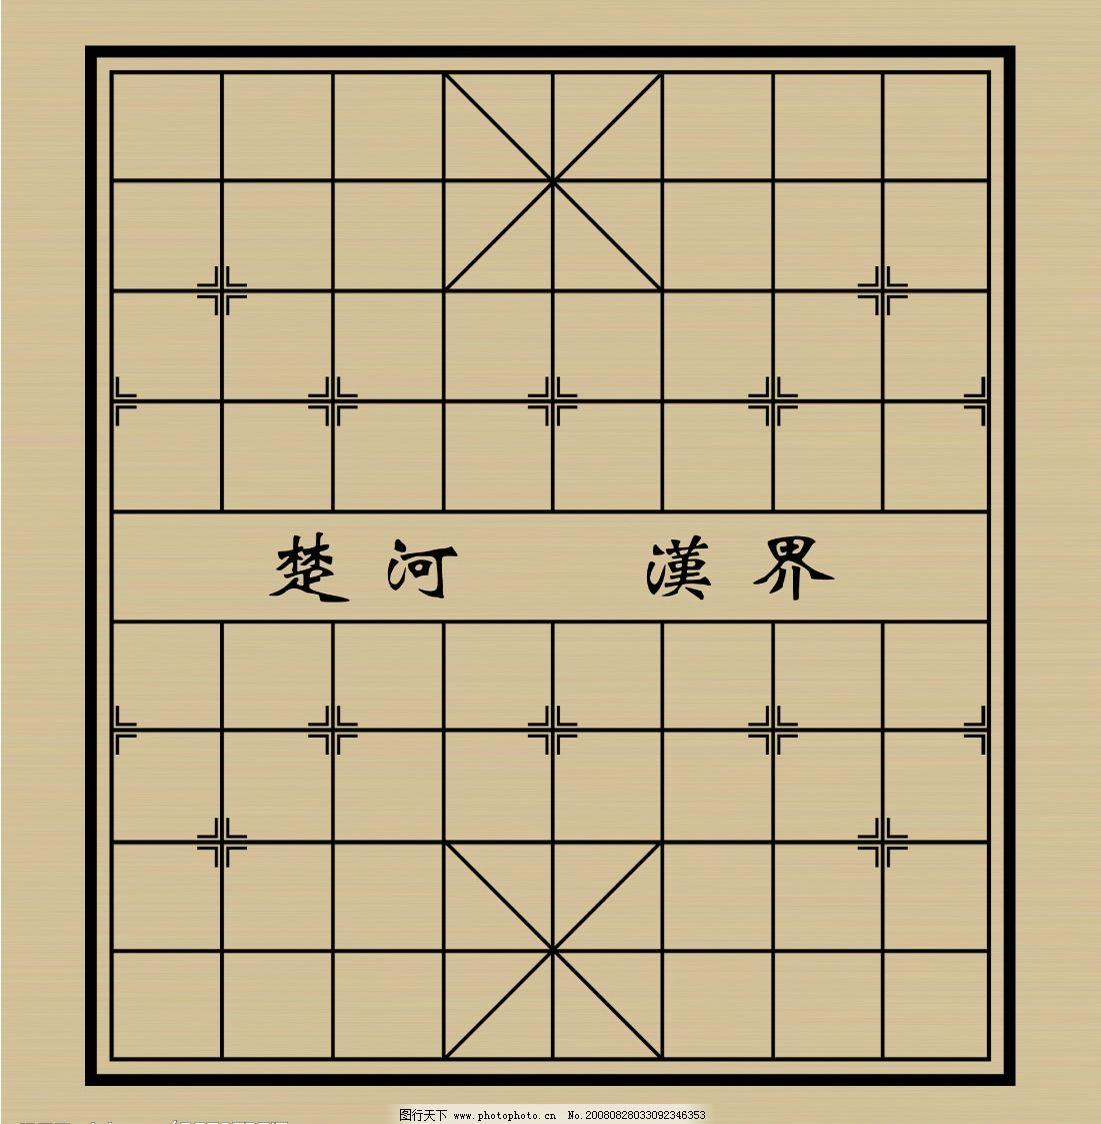 中国象棋棋盘图片